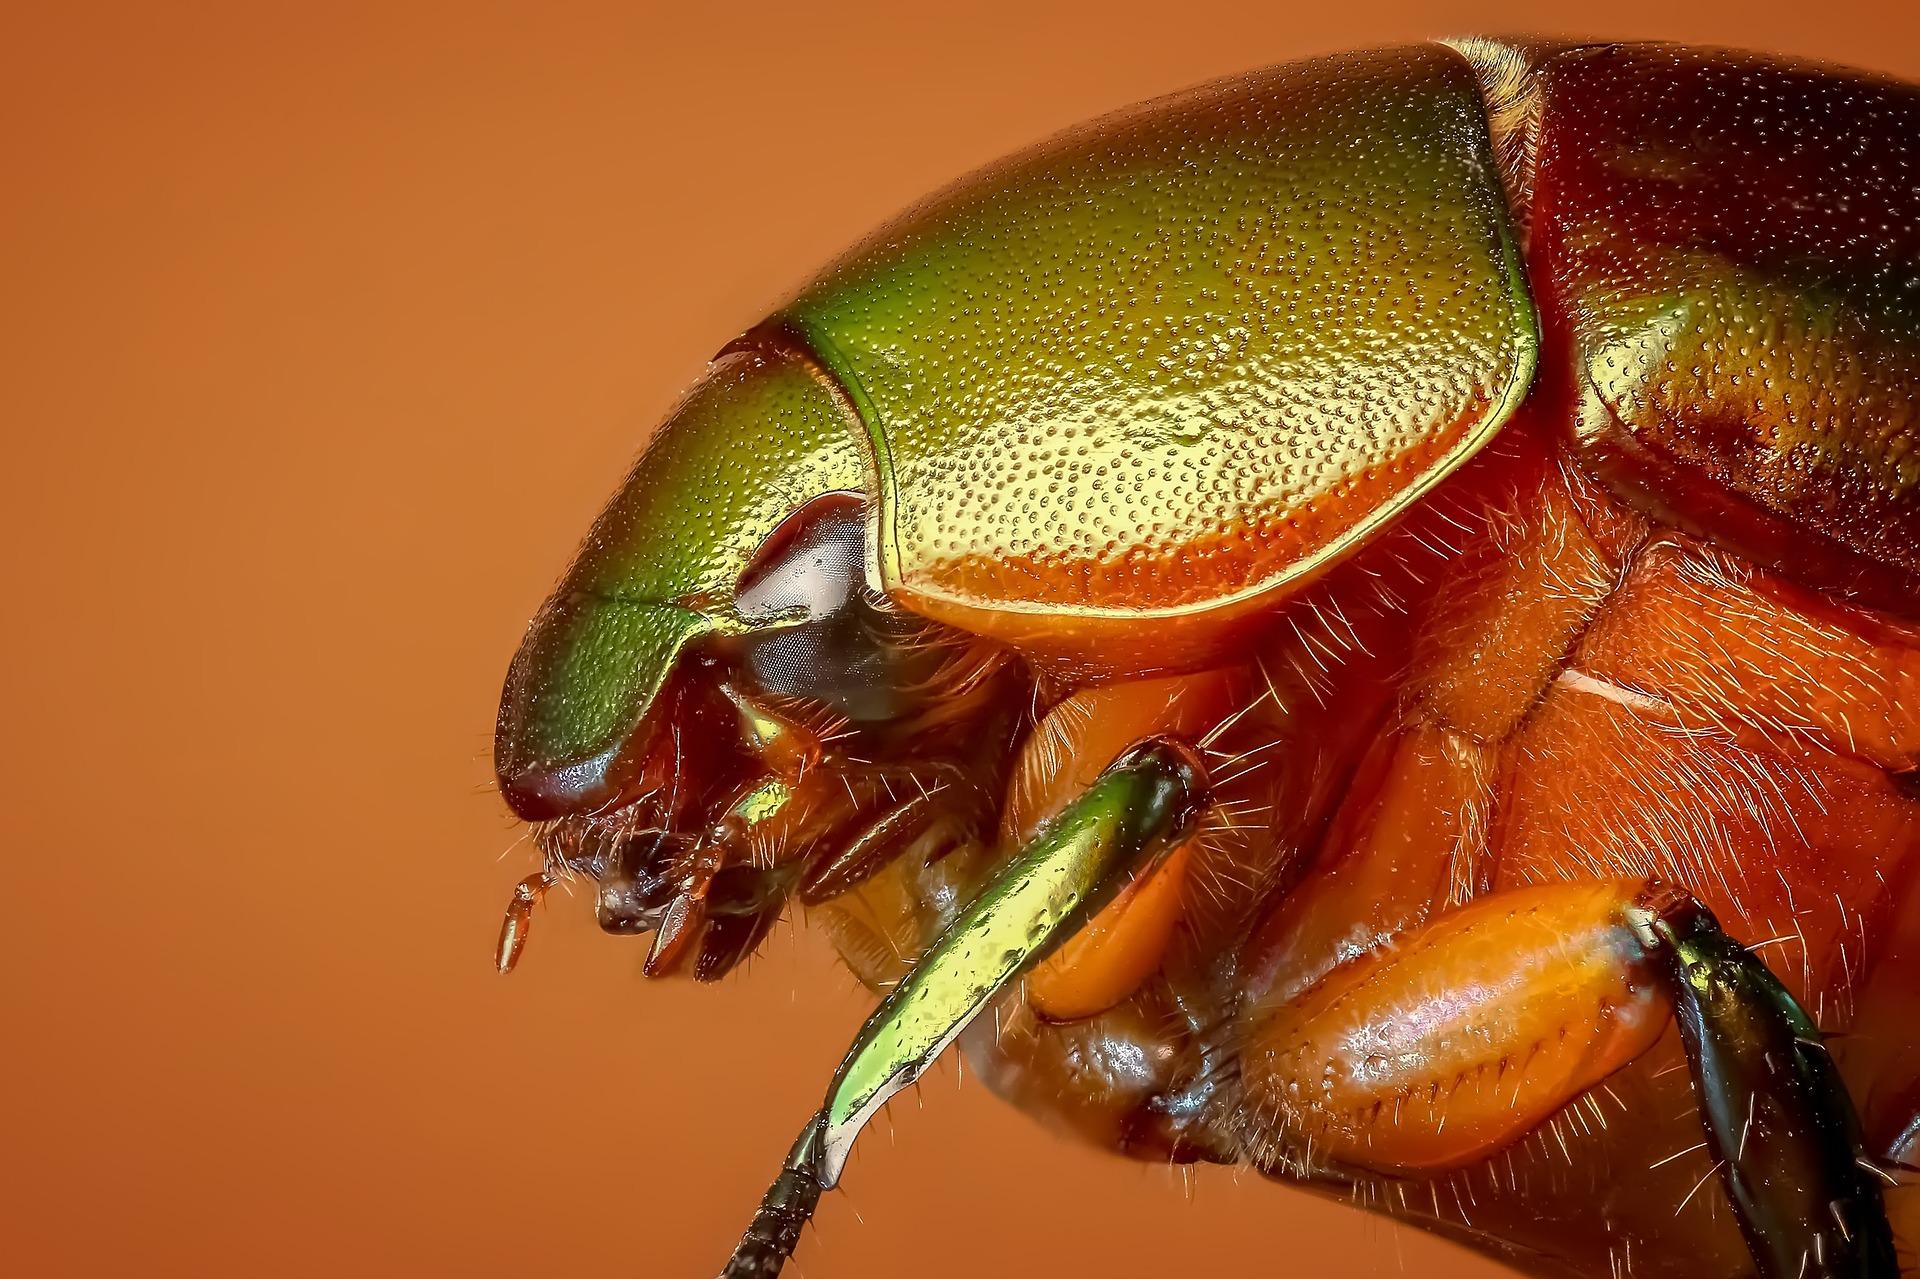 beetle-1142373_1920